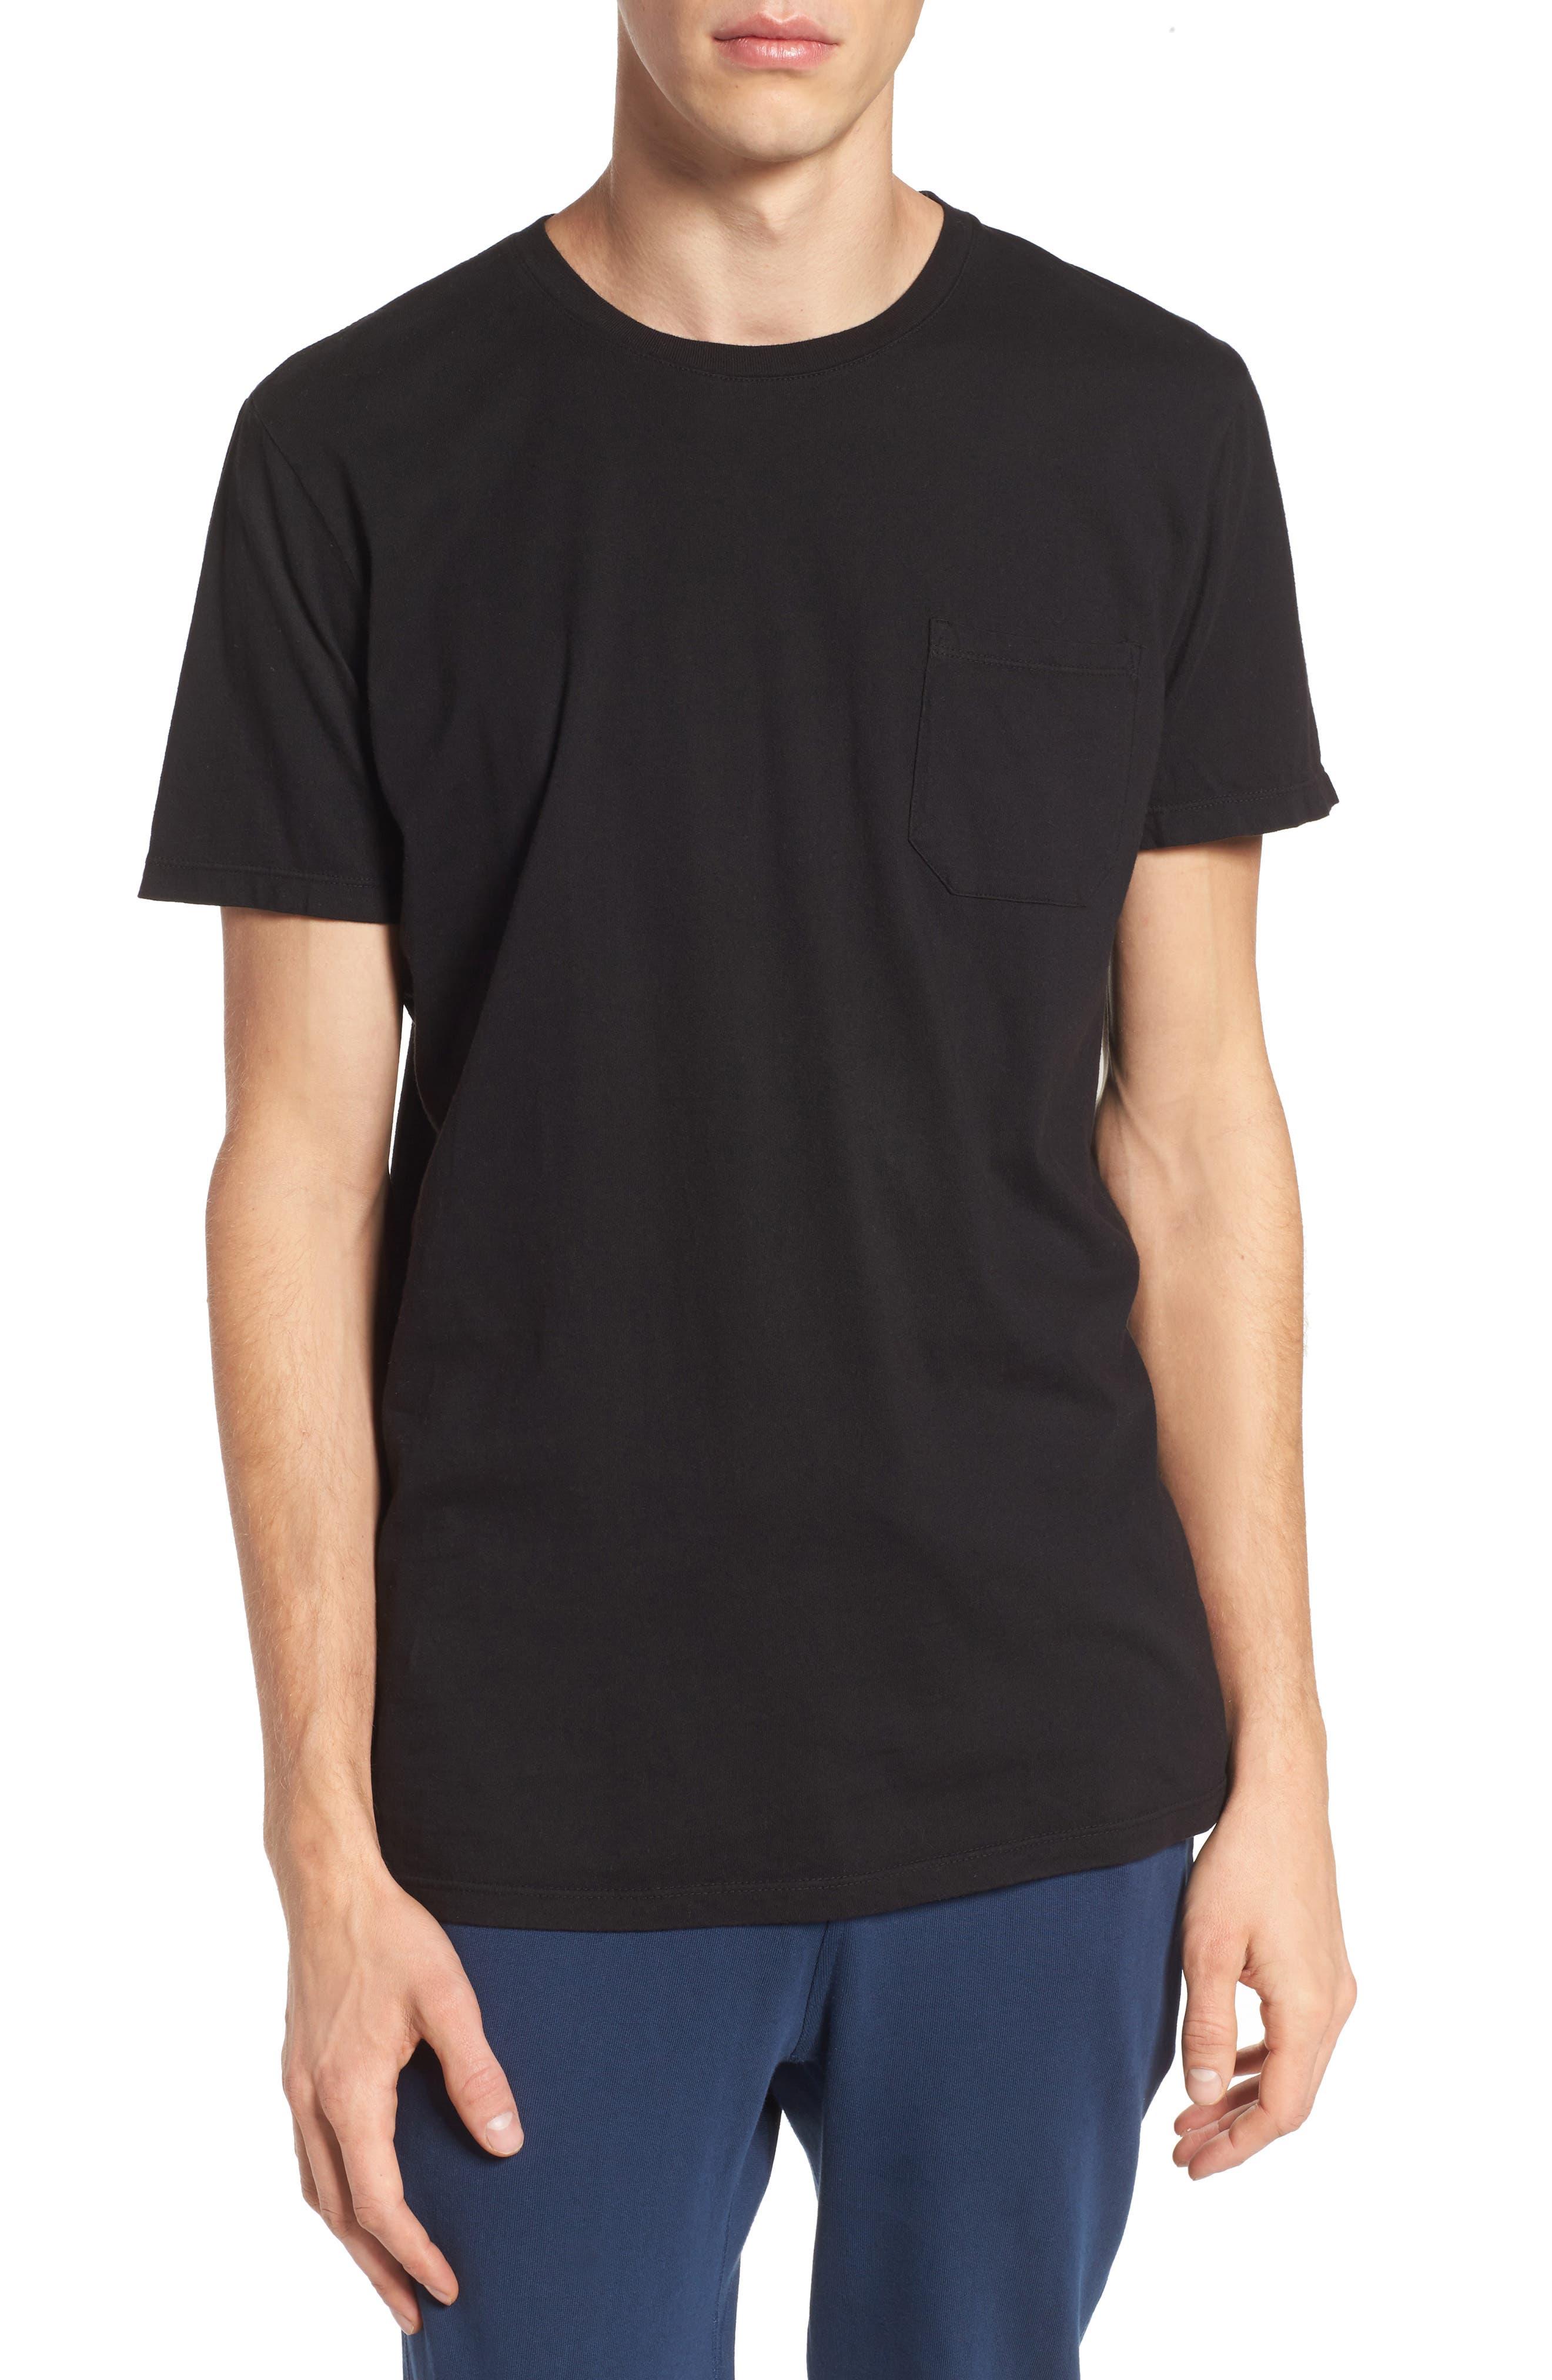 RICHER POORER Lounge Pocket T-Shirt, Main, color, BLACK